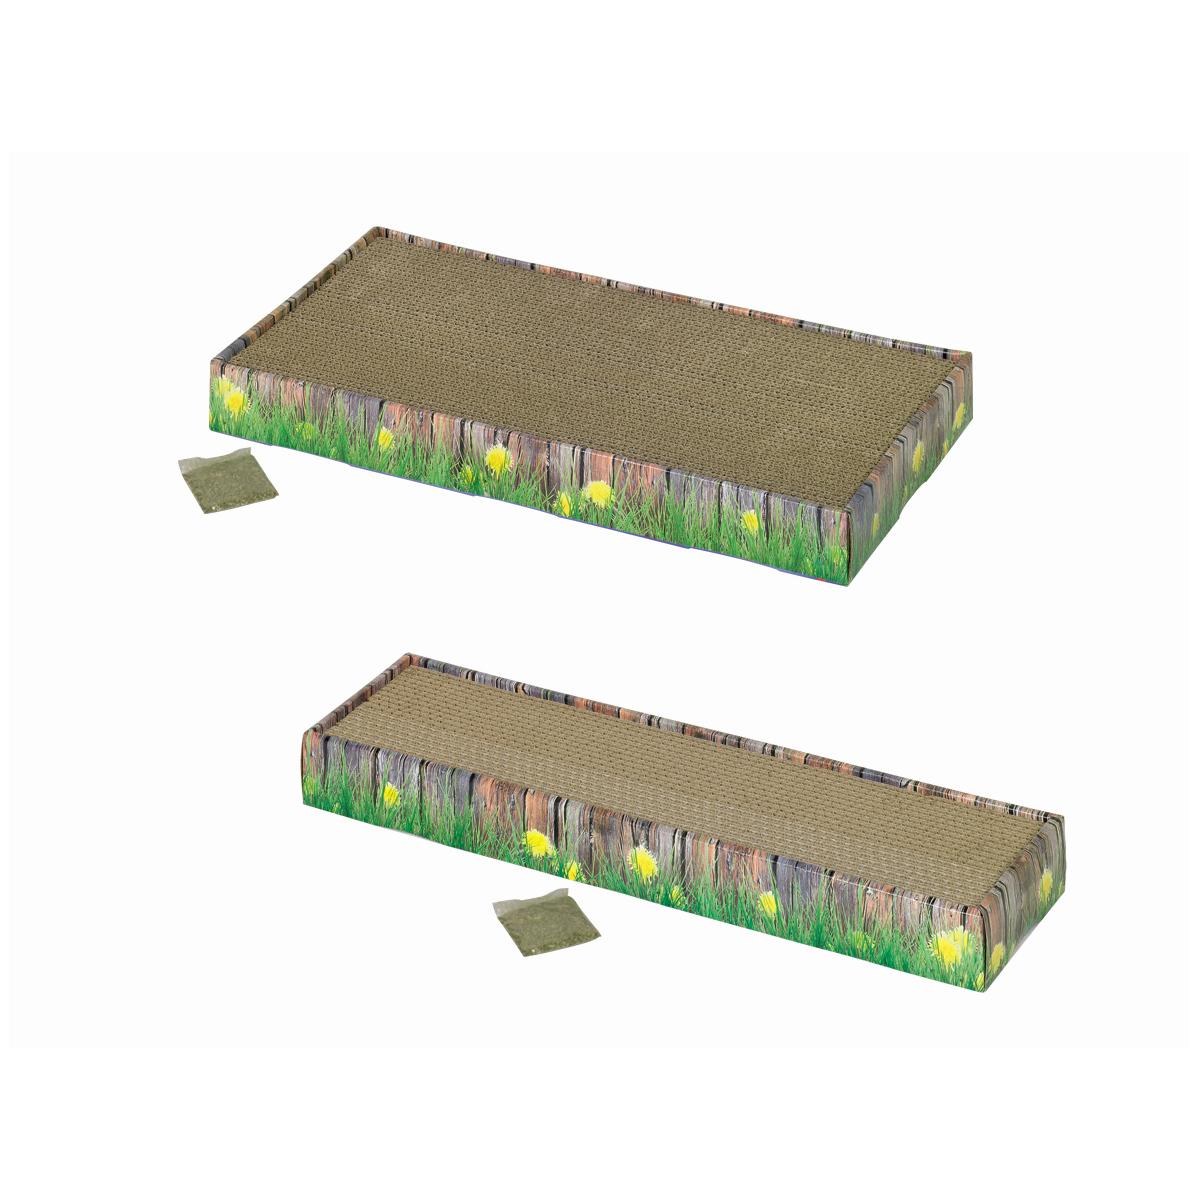 Productafbeelding voor 'NB KRABPLANK KARTON48X12,5X5CM 00002'